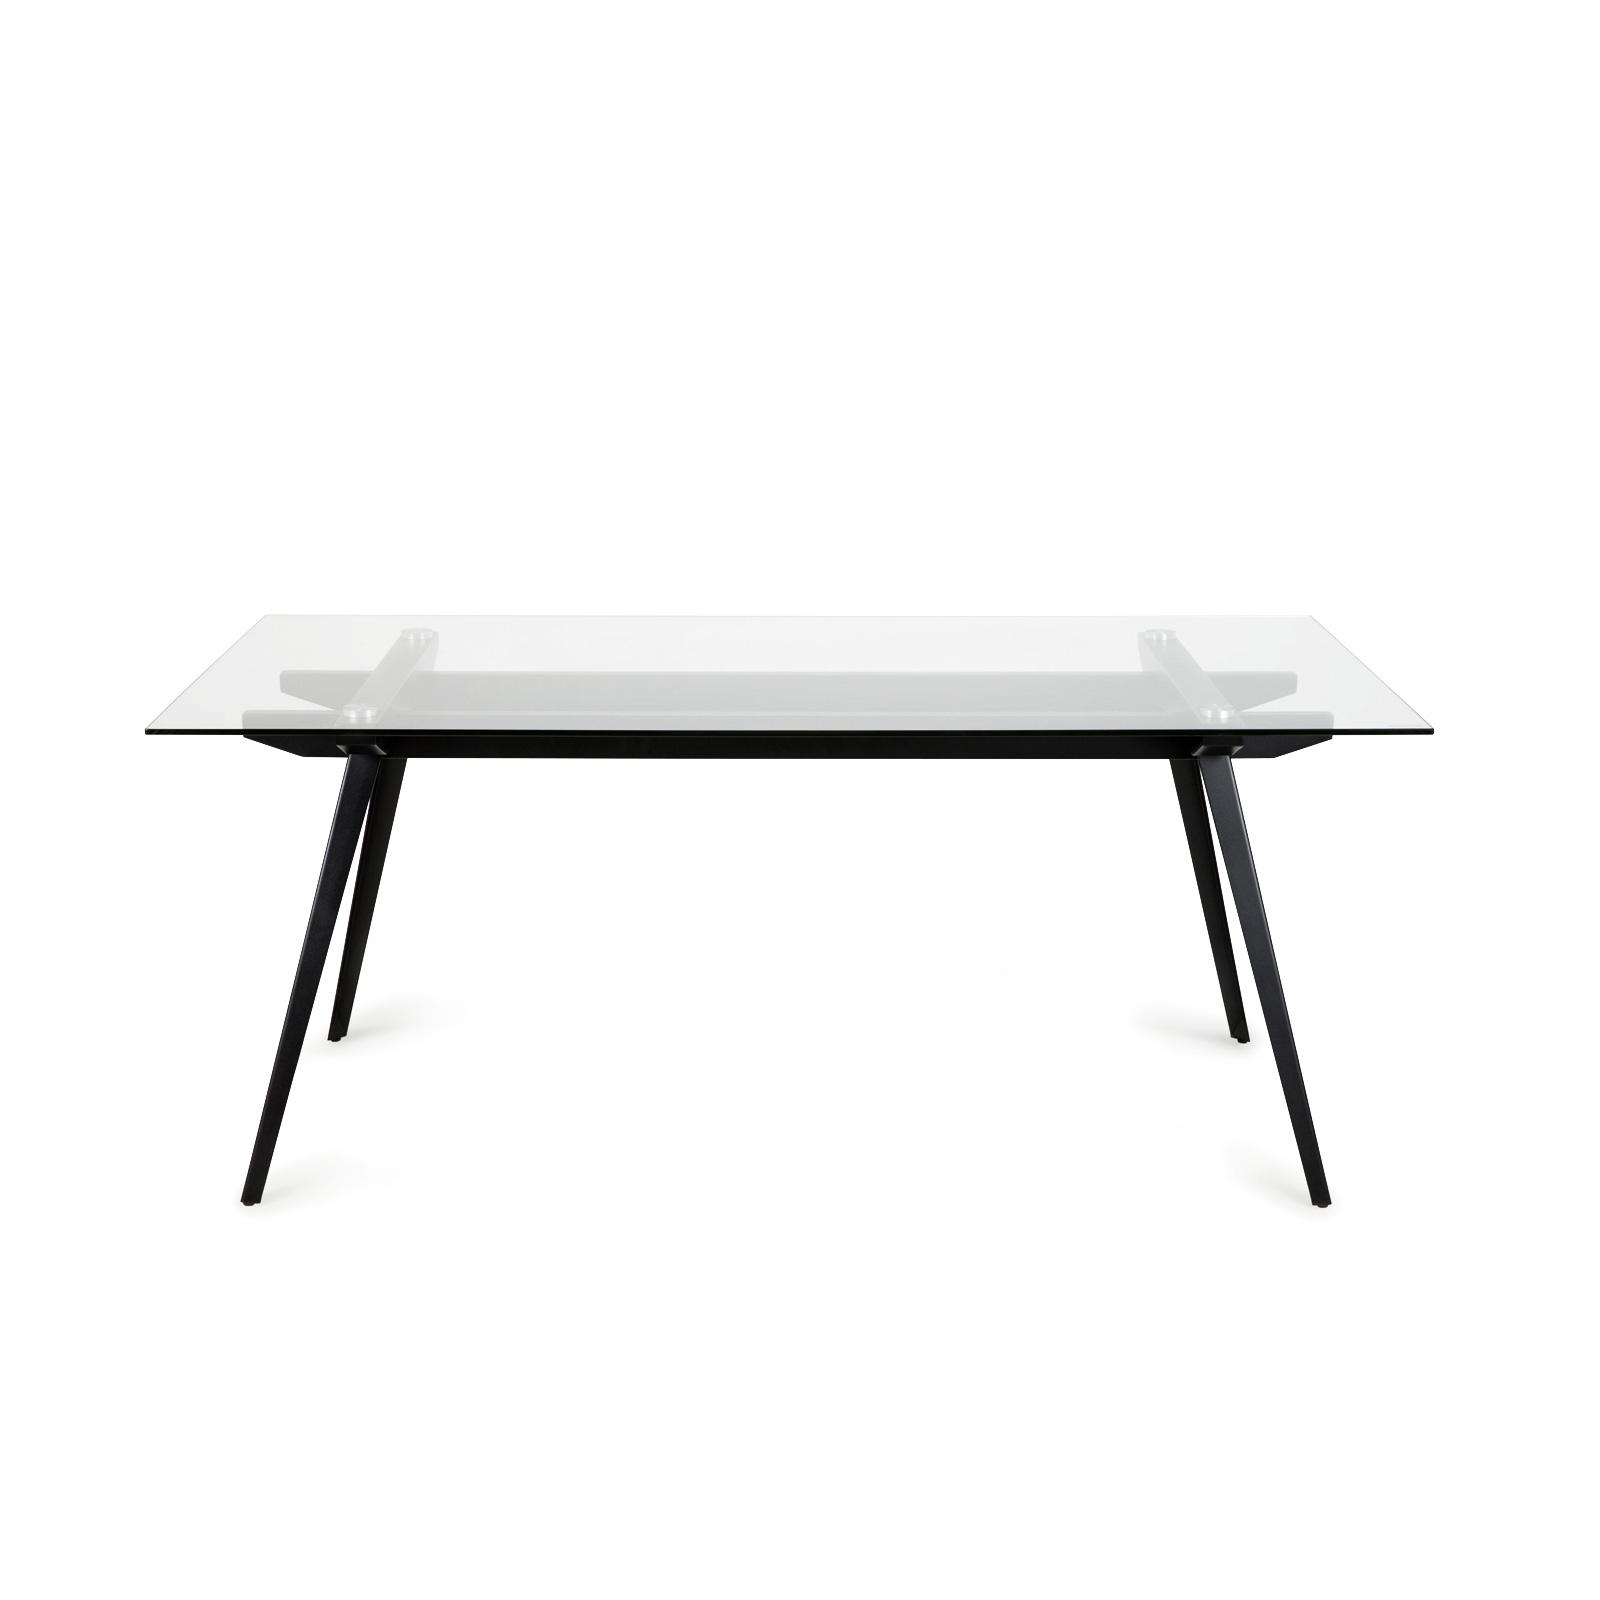 esstisch monti wohnzimmer tisch platte glas gestell aus metall schwarz 180x90 cm ebay. Black Bedroom Furniture Sets. Home Design Ideas